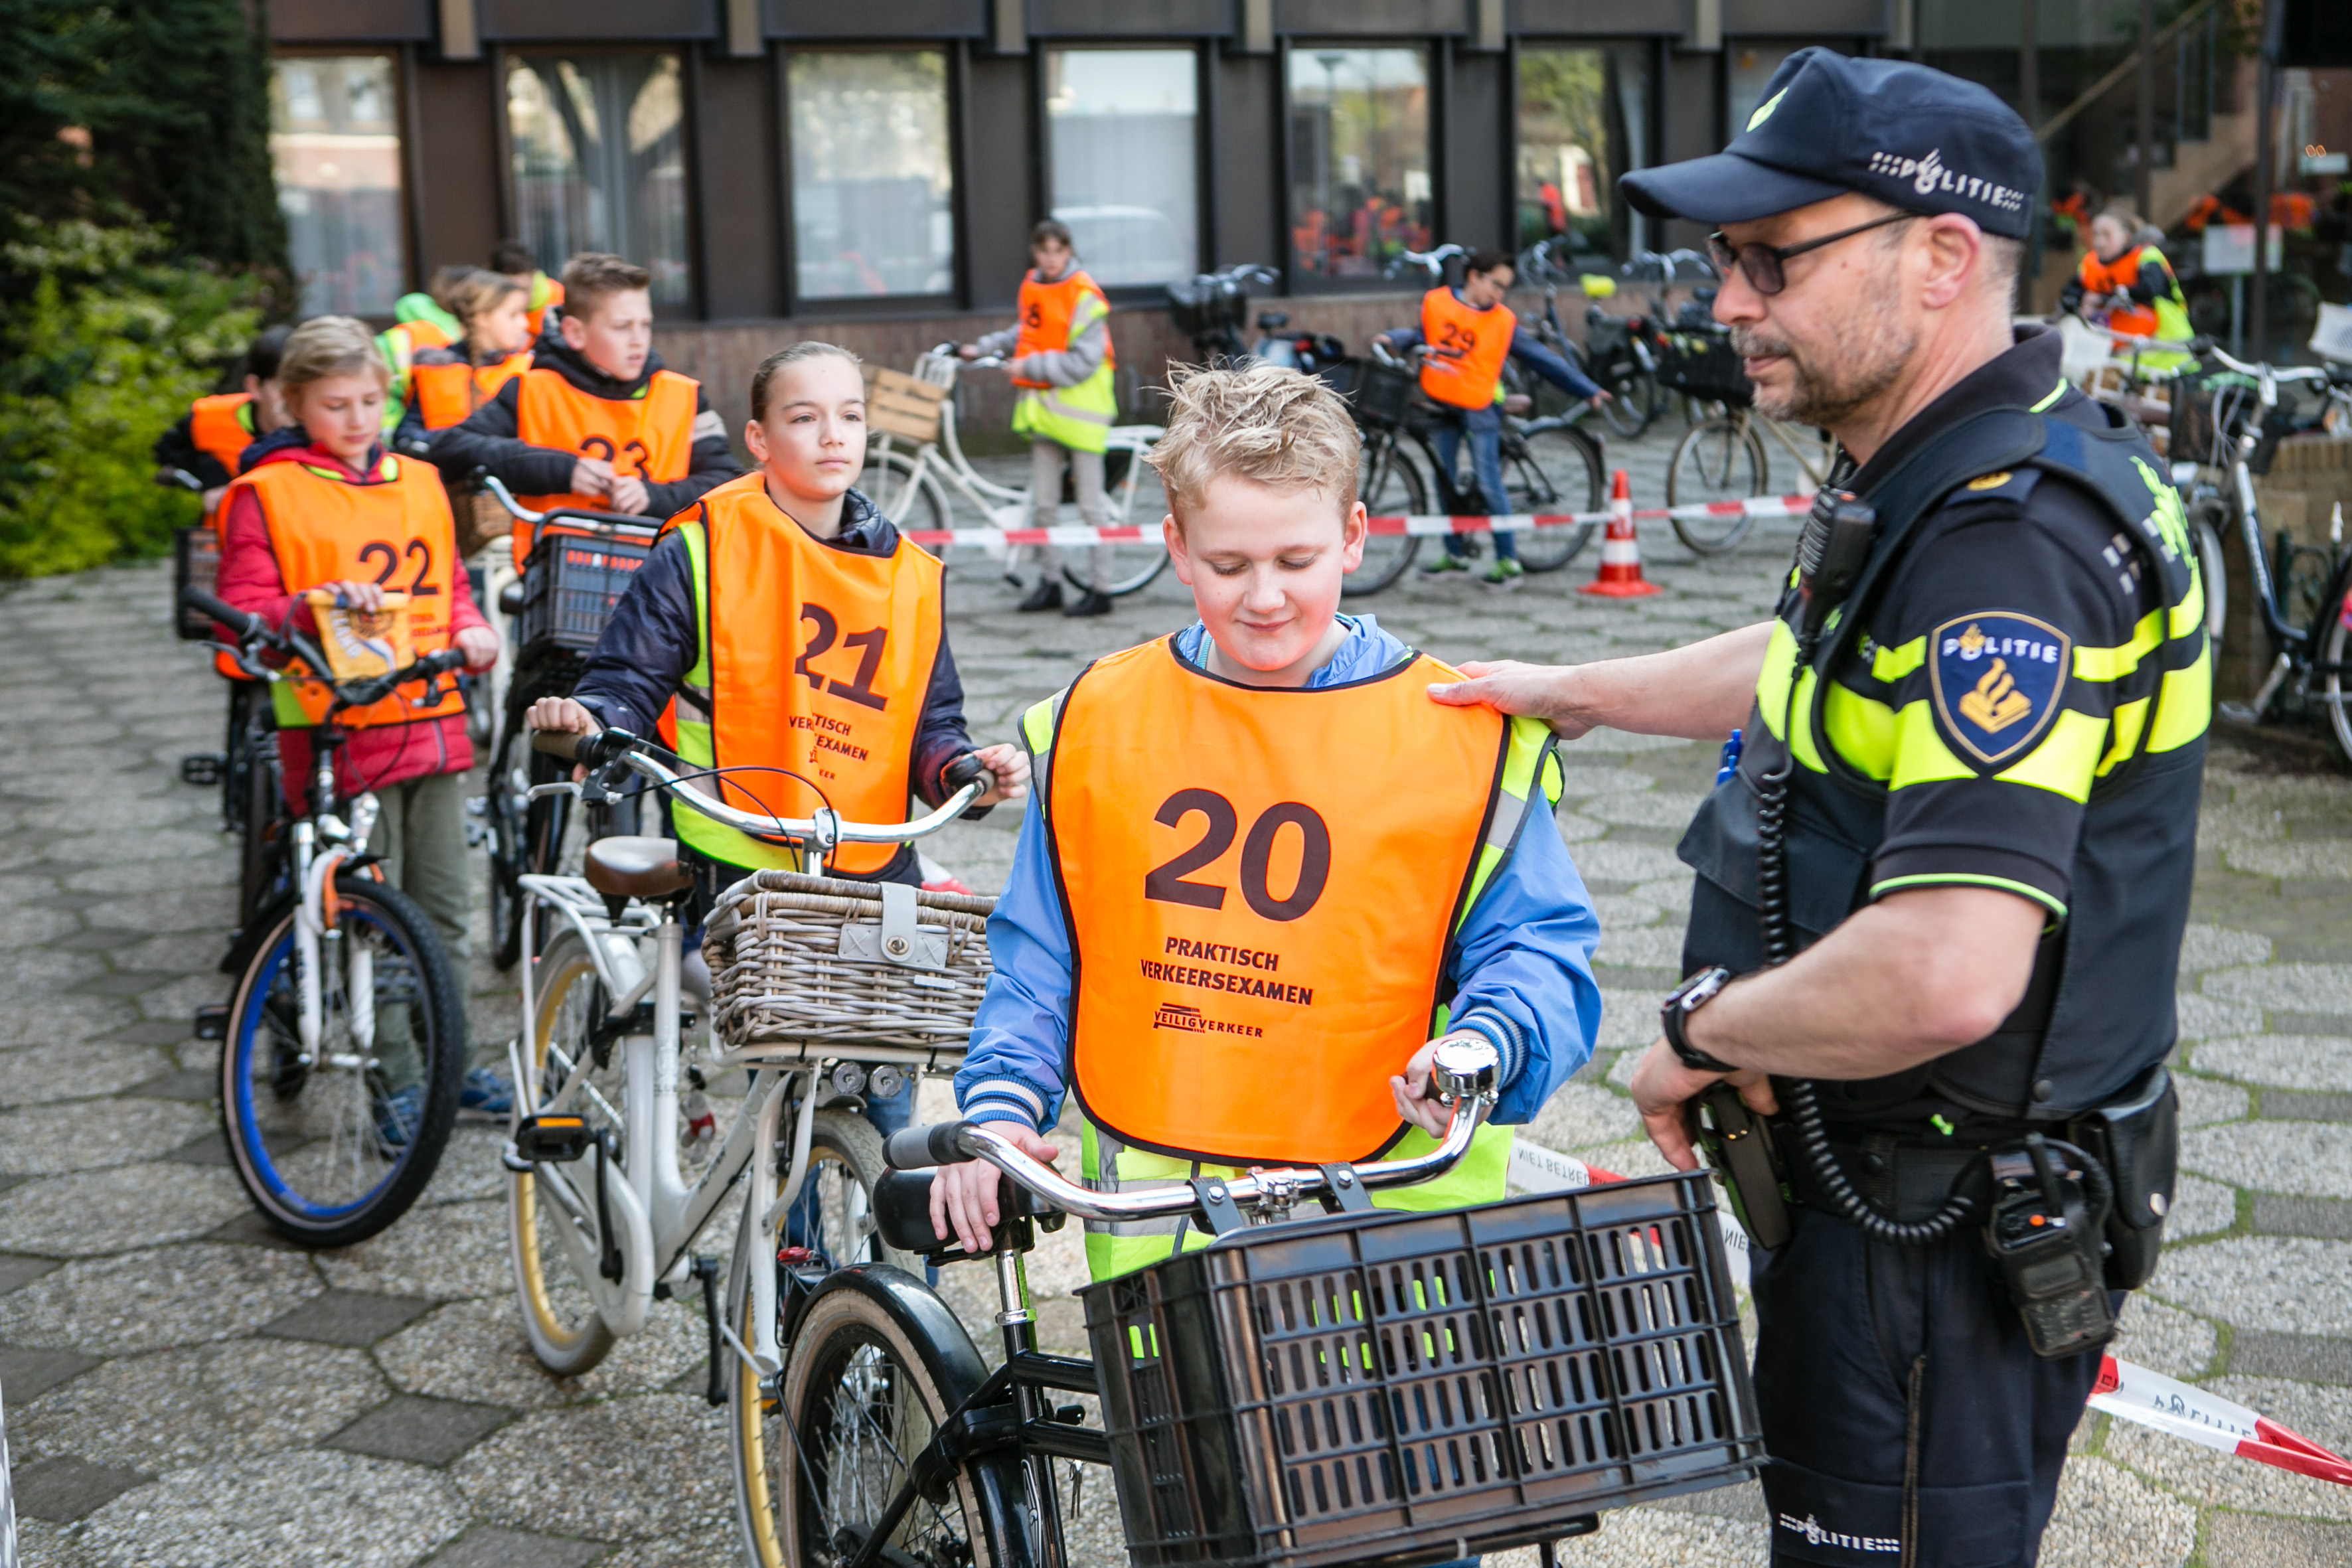 verkeersexamen foto eric van nieuwland 075035